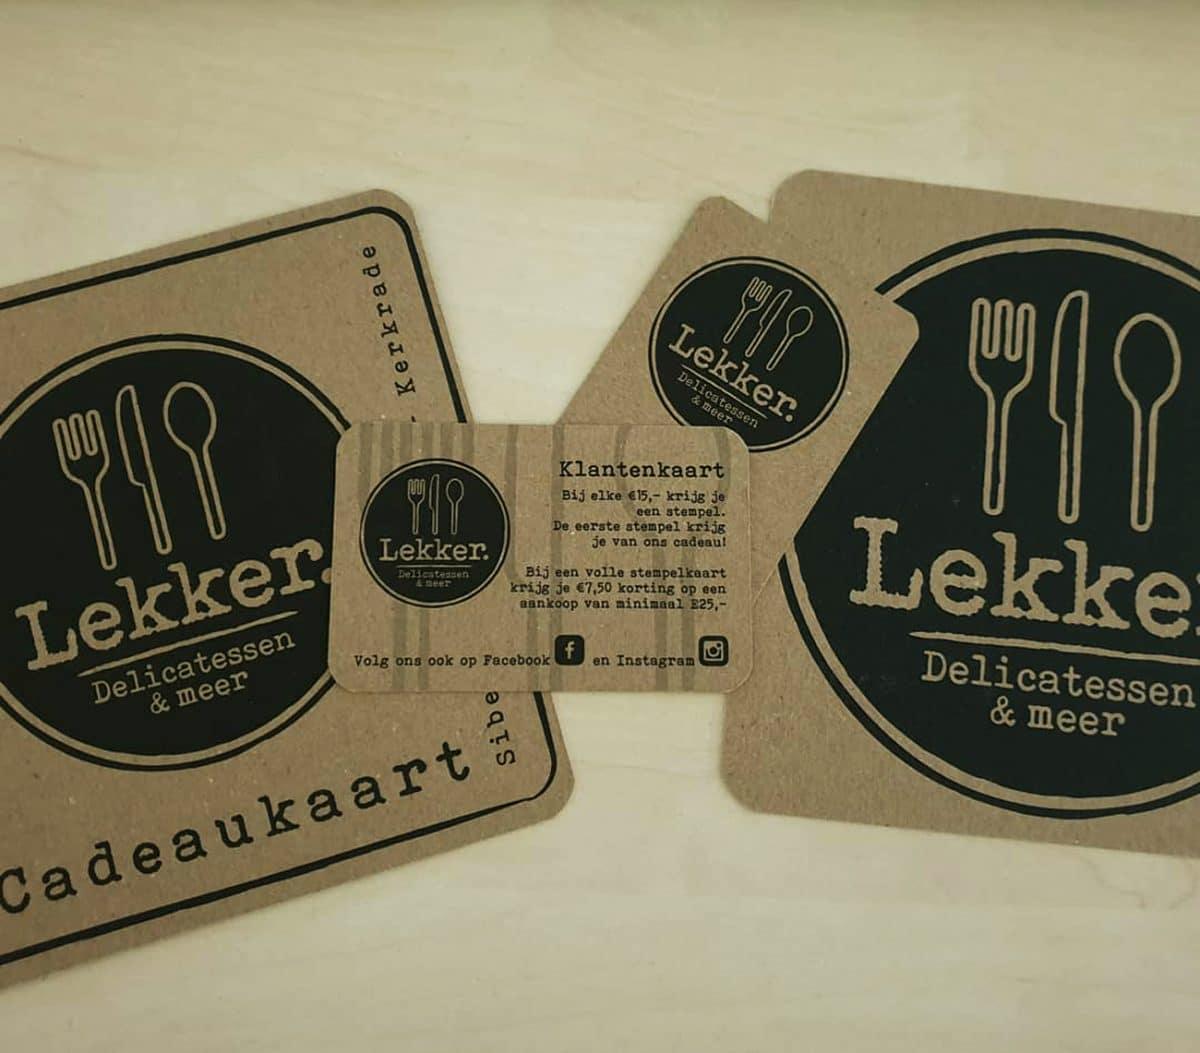 Case Lekker Delicatessen & Meer - POS materiaal Cadeaukaart en klantenkaart